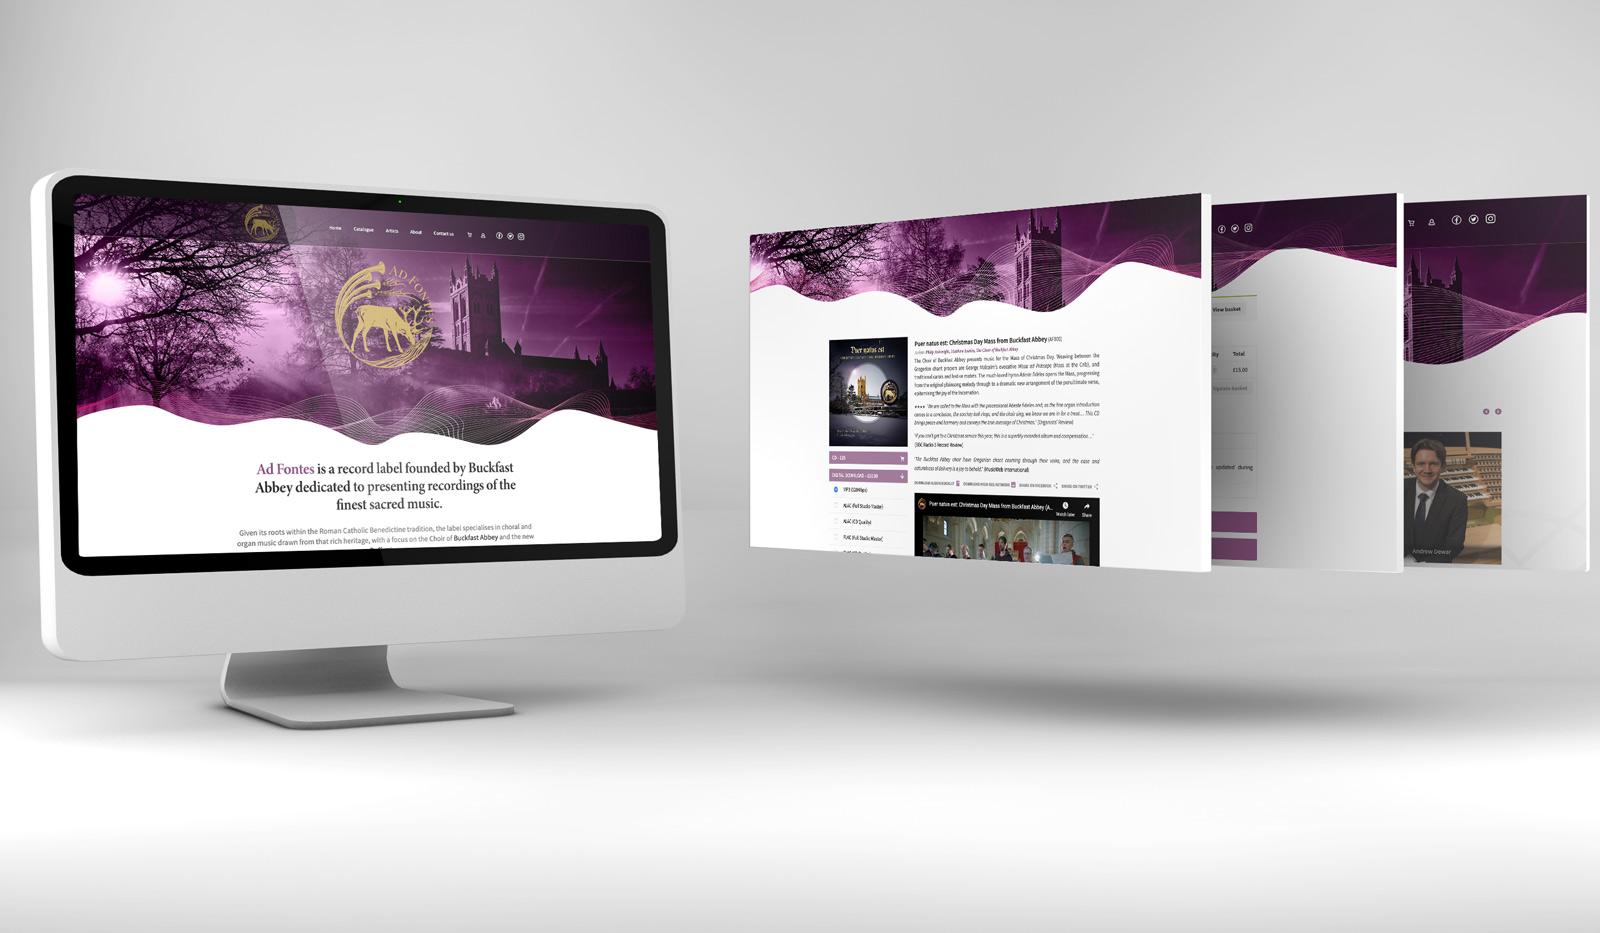 website-adfontes